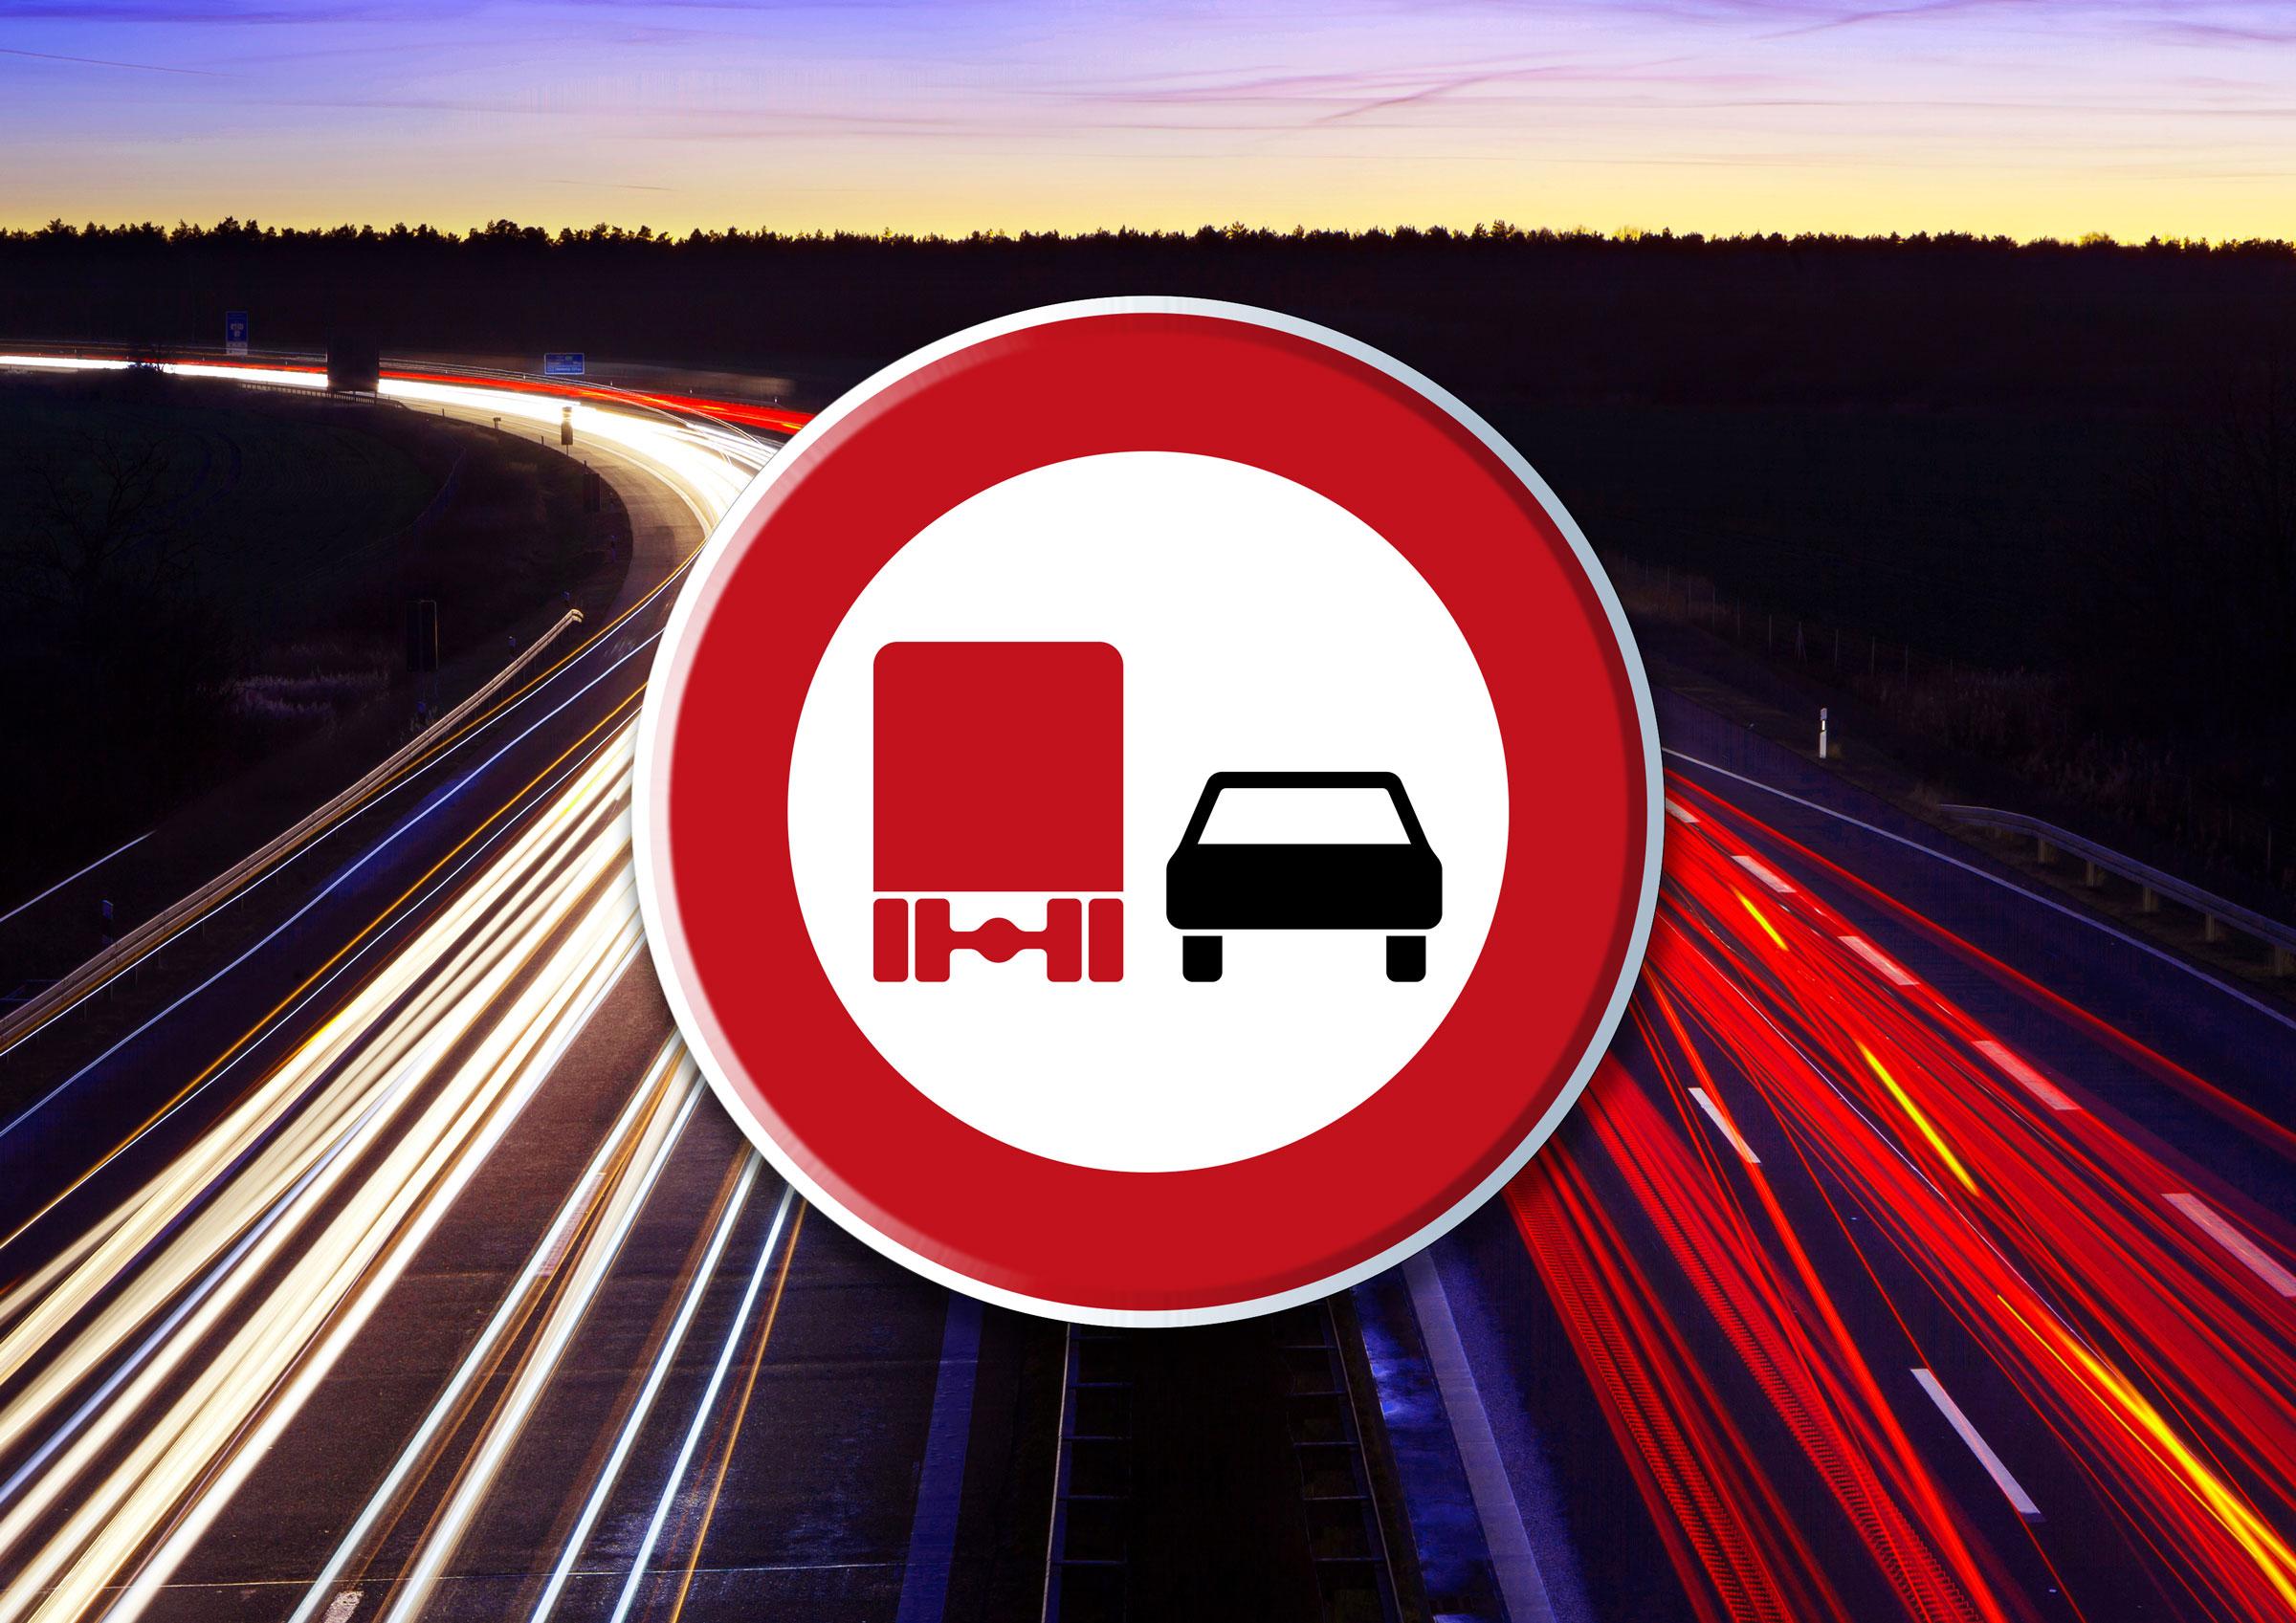 Neue Lkw-Überholverbote richtiger Schritt